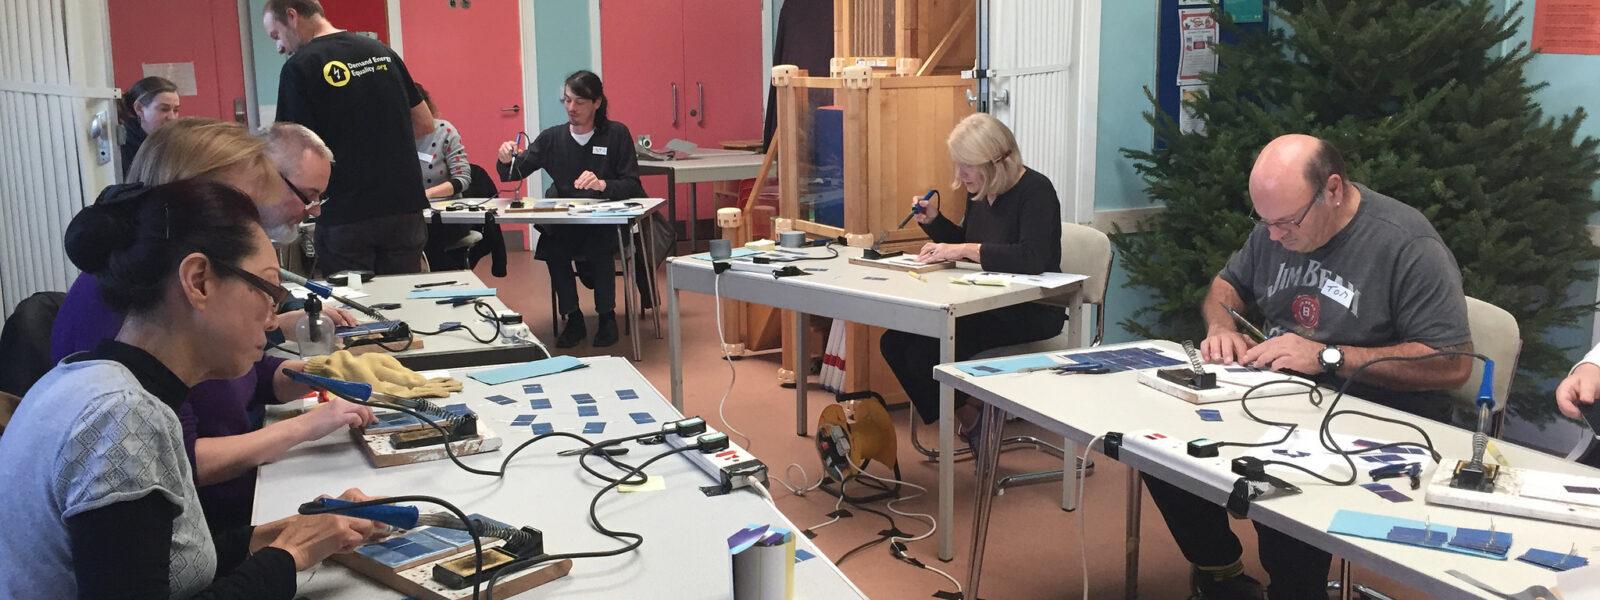 DIY Solar Charger Workshop